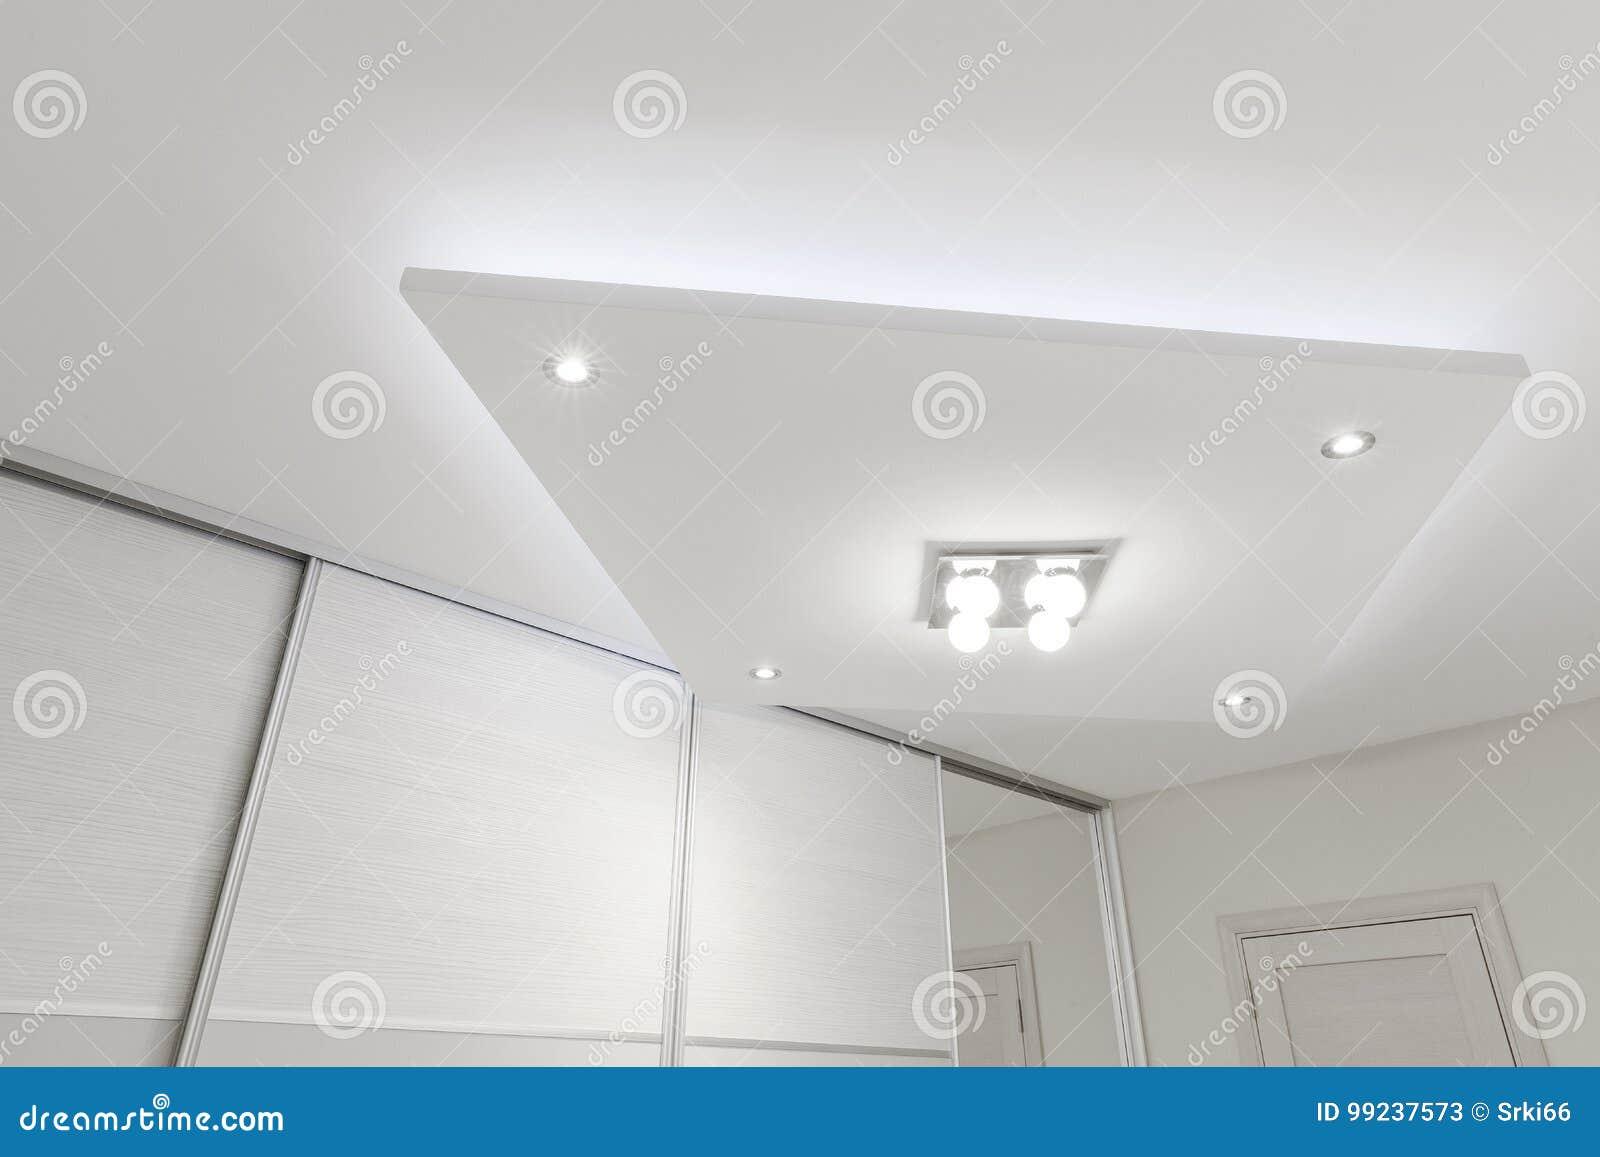 Decoratief Plafond Met Verlichting Stock Afbeelding - Afbeelding ...